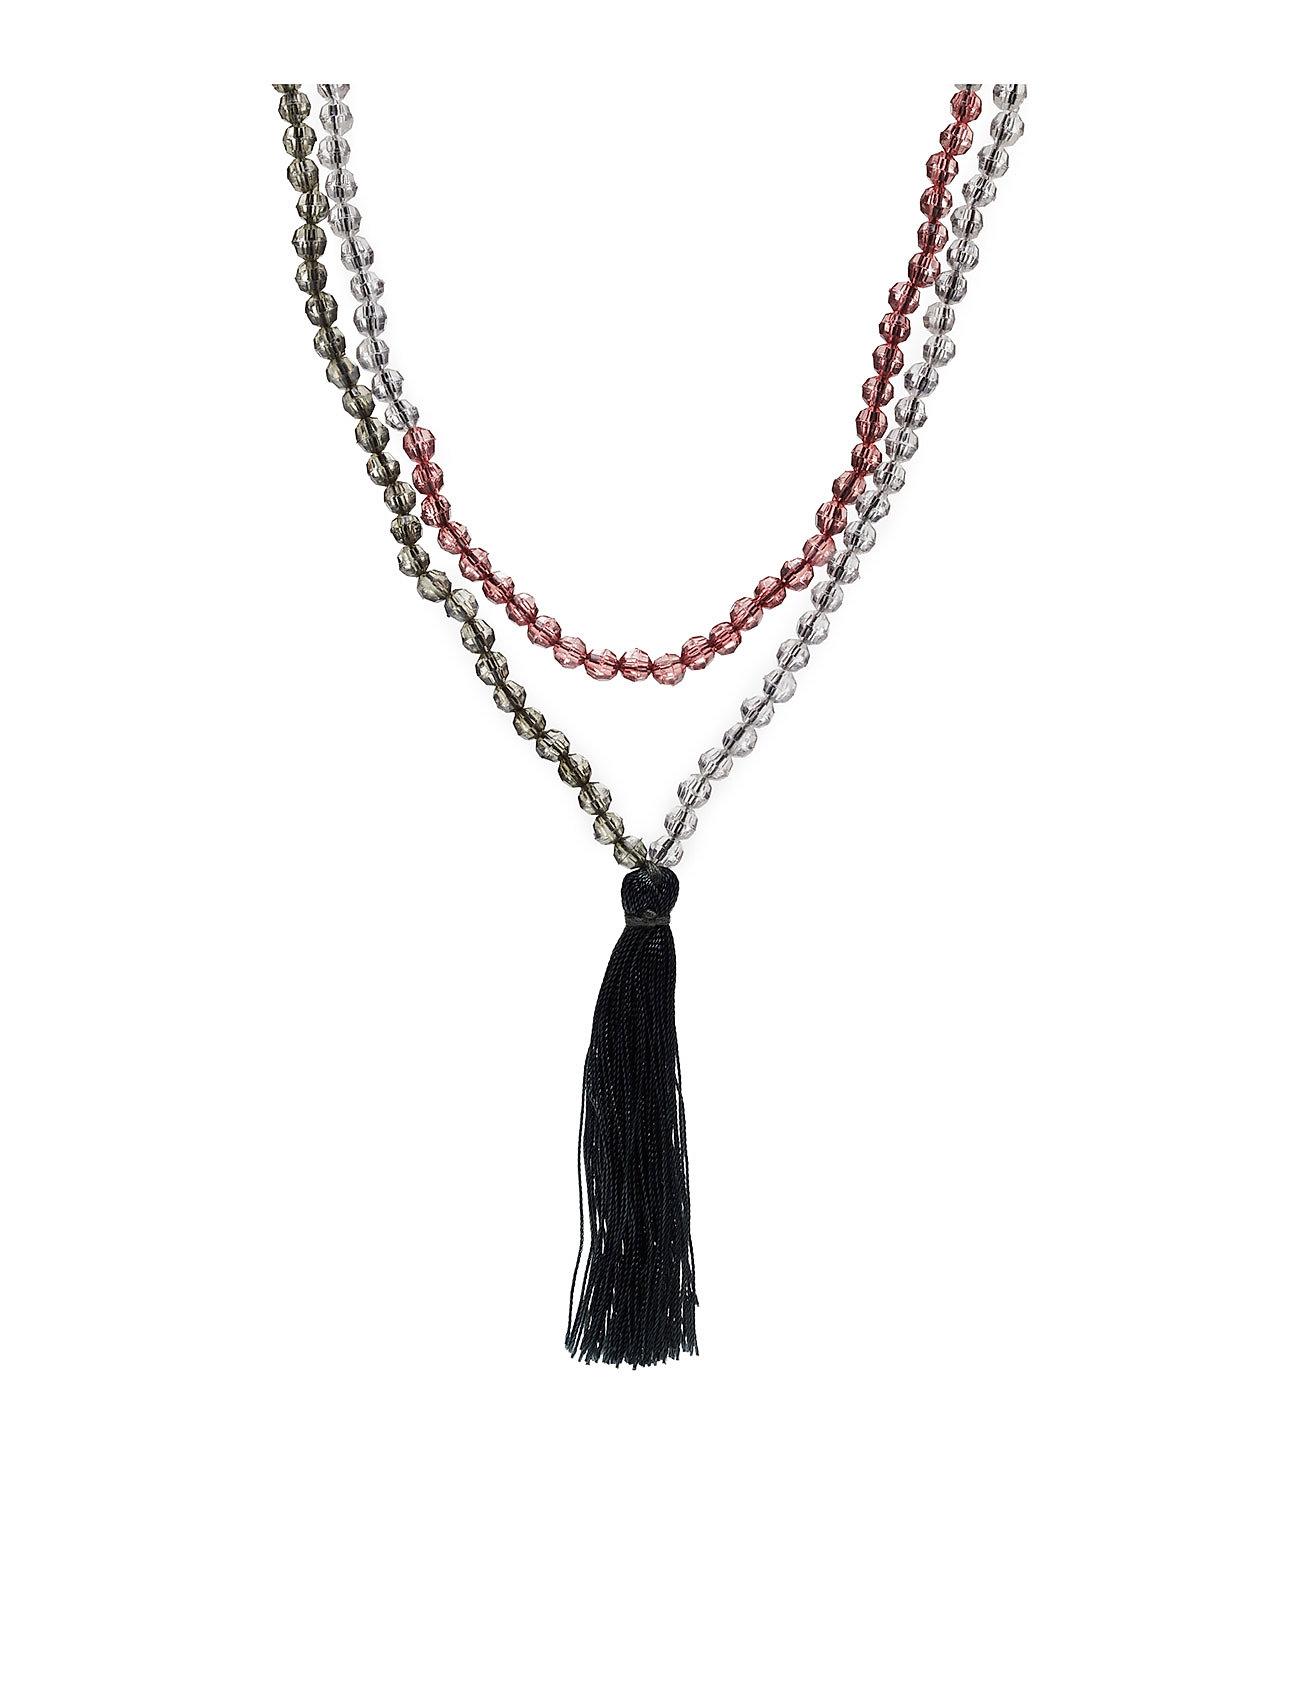 Adelphia Necklace Masai Smycken